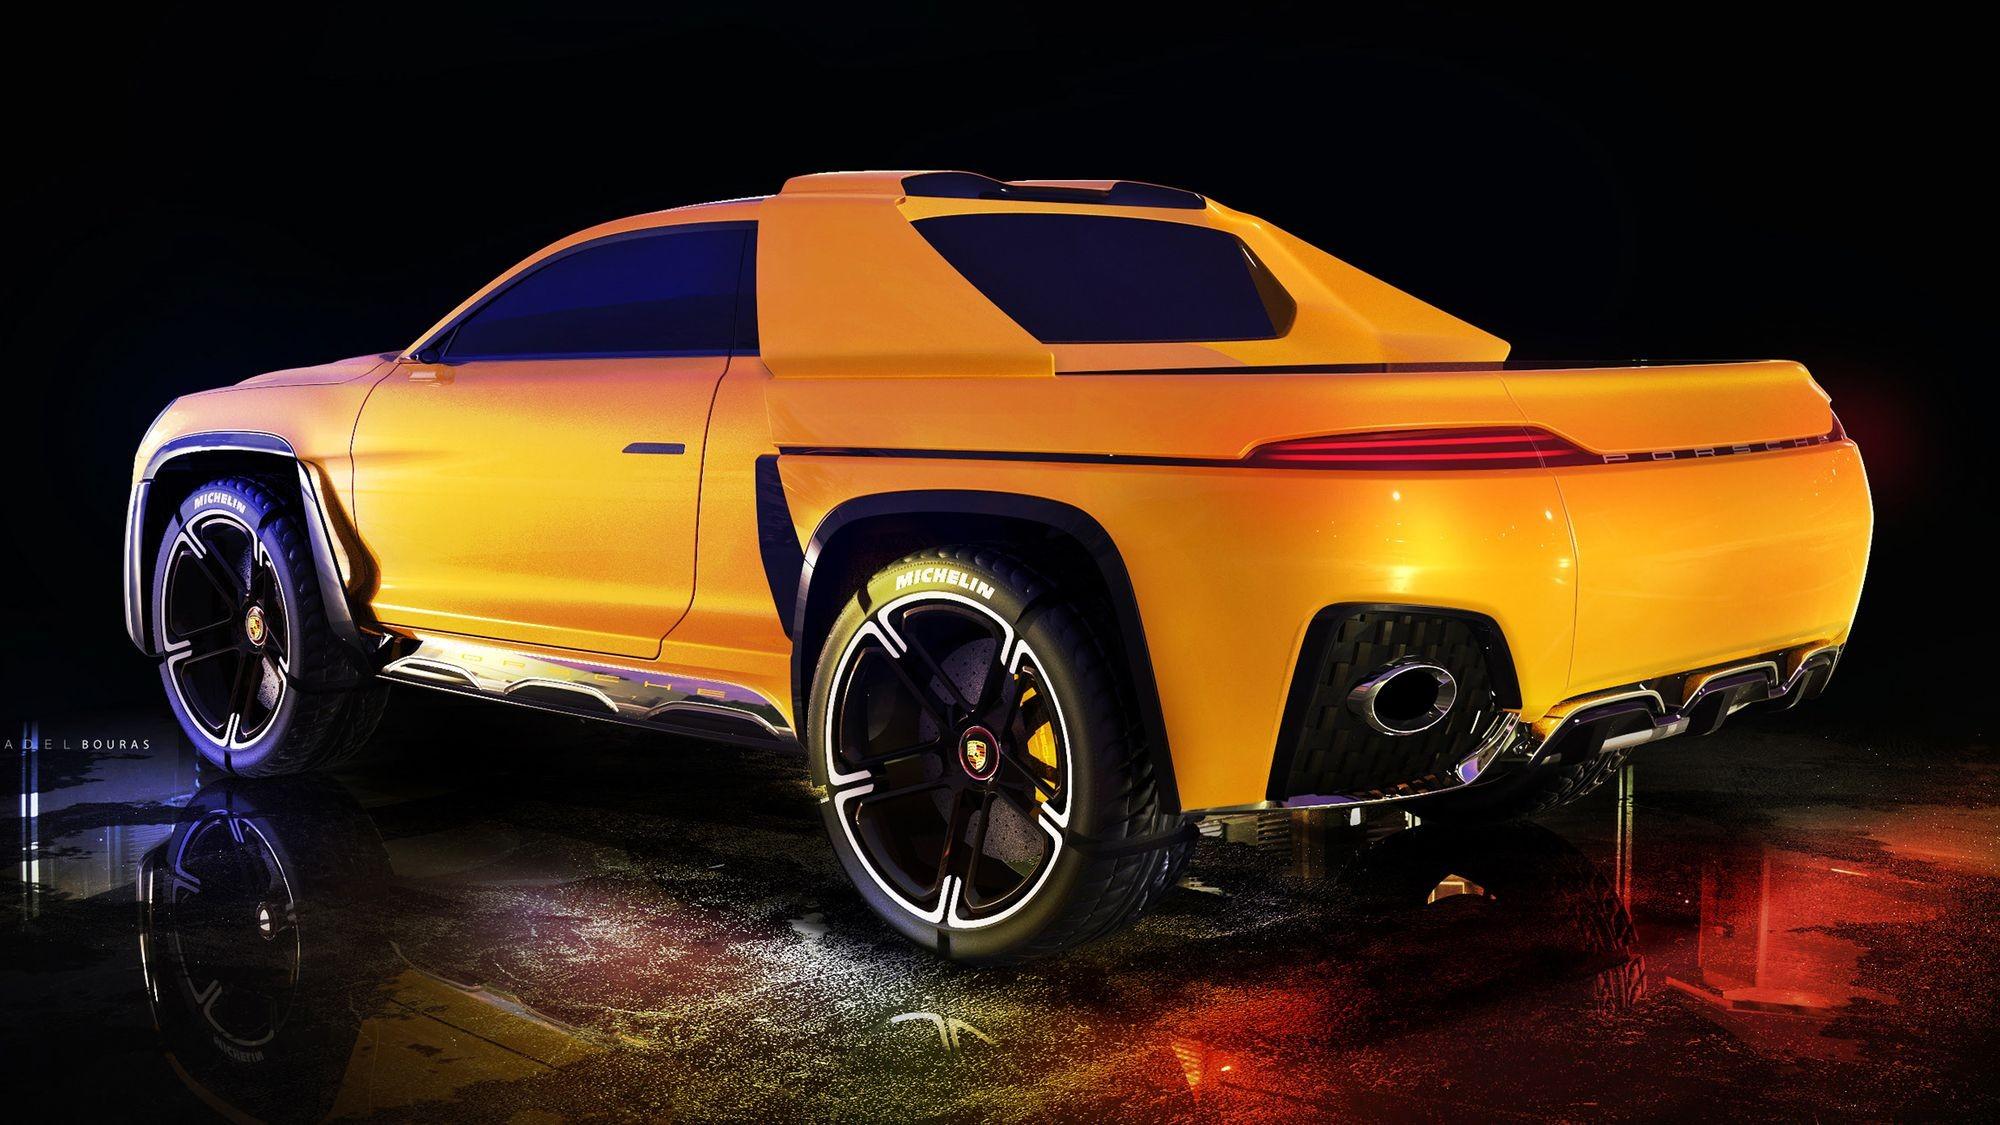 """Картинки по запросу """"Porsche Traykan Adel Bouras"""""""